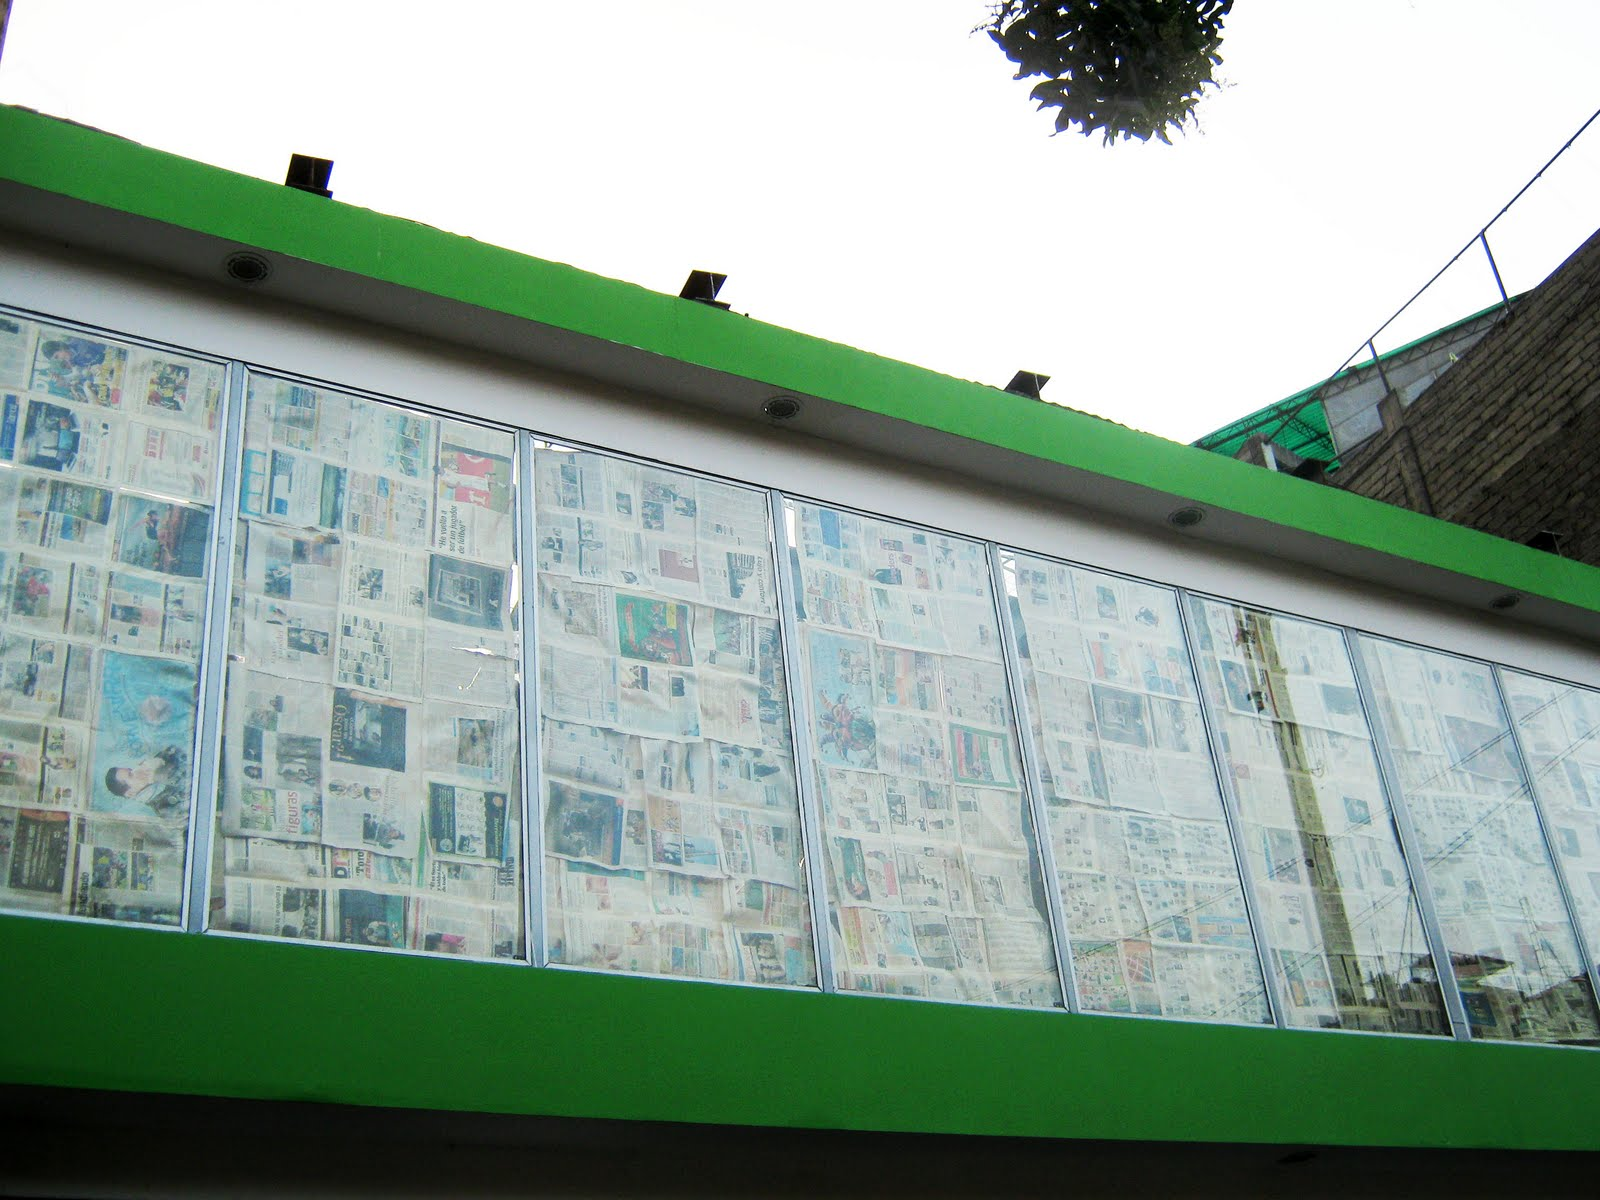 Los improvisados cortinas de diario - Cortinas improvisadas ...